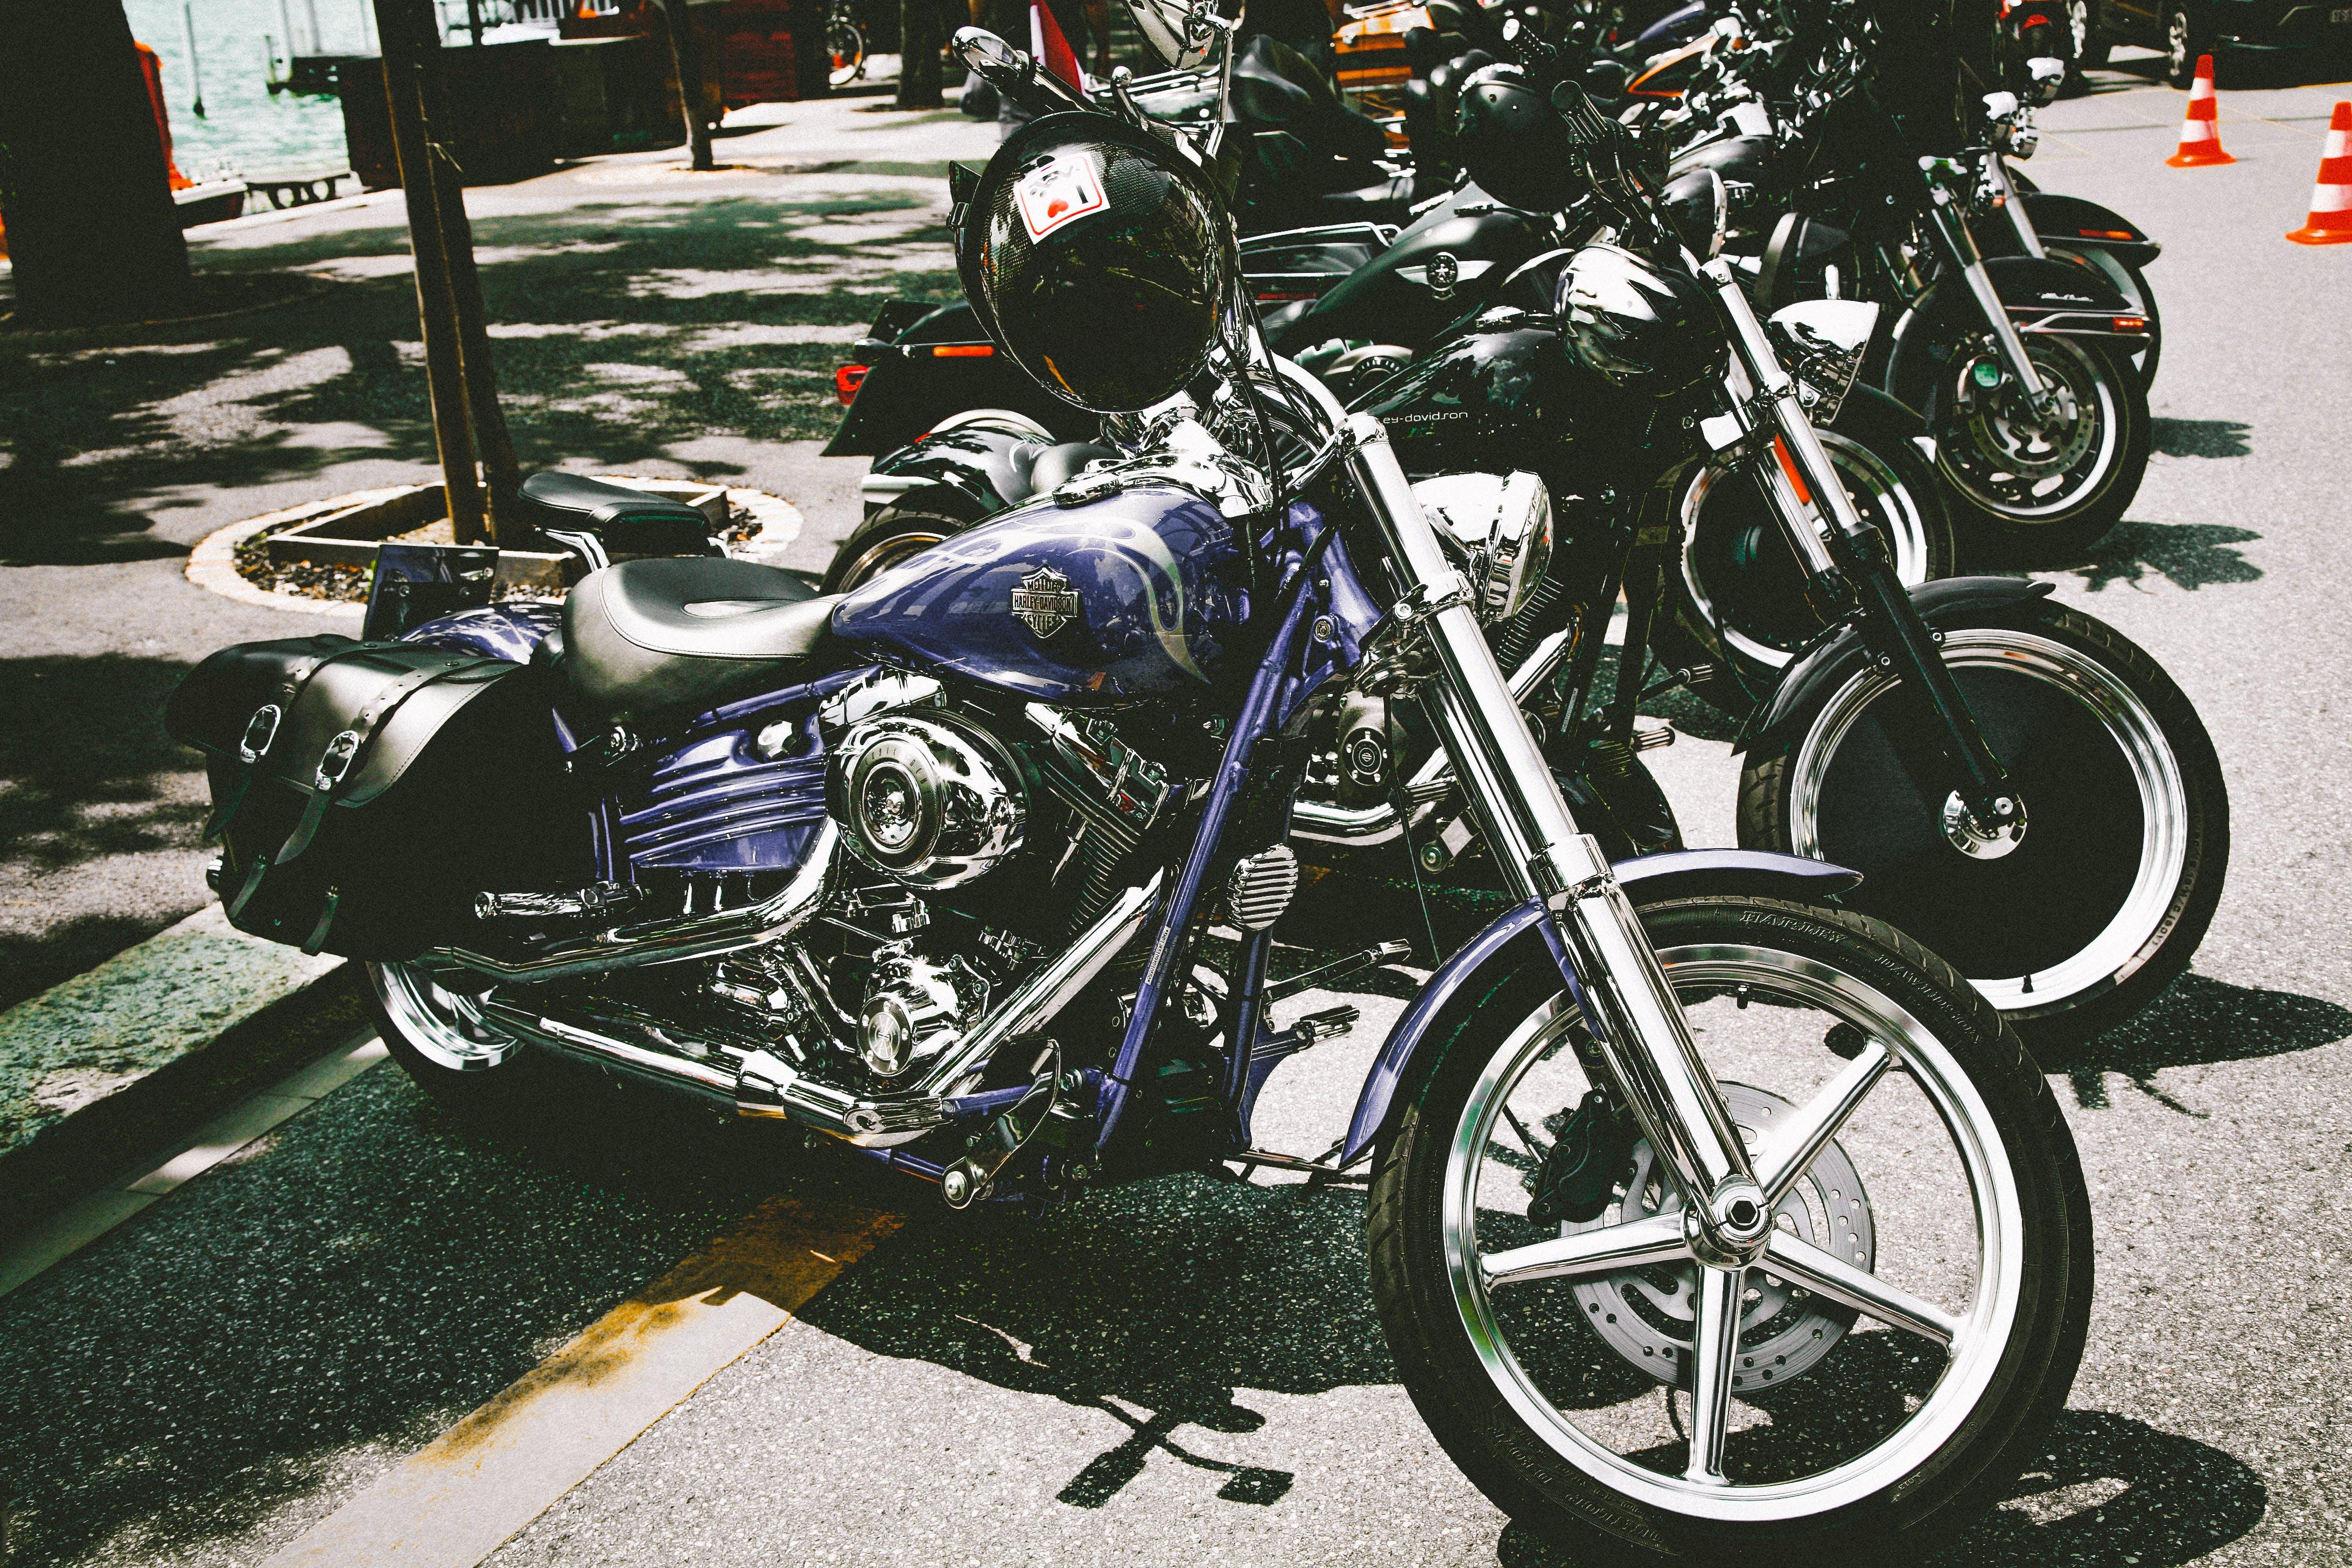 motorlu araç, motosikletler, nakletmek, park etmiş içeren Ücretsiz stok fotoğraf